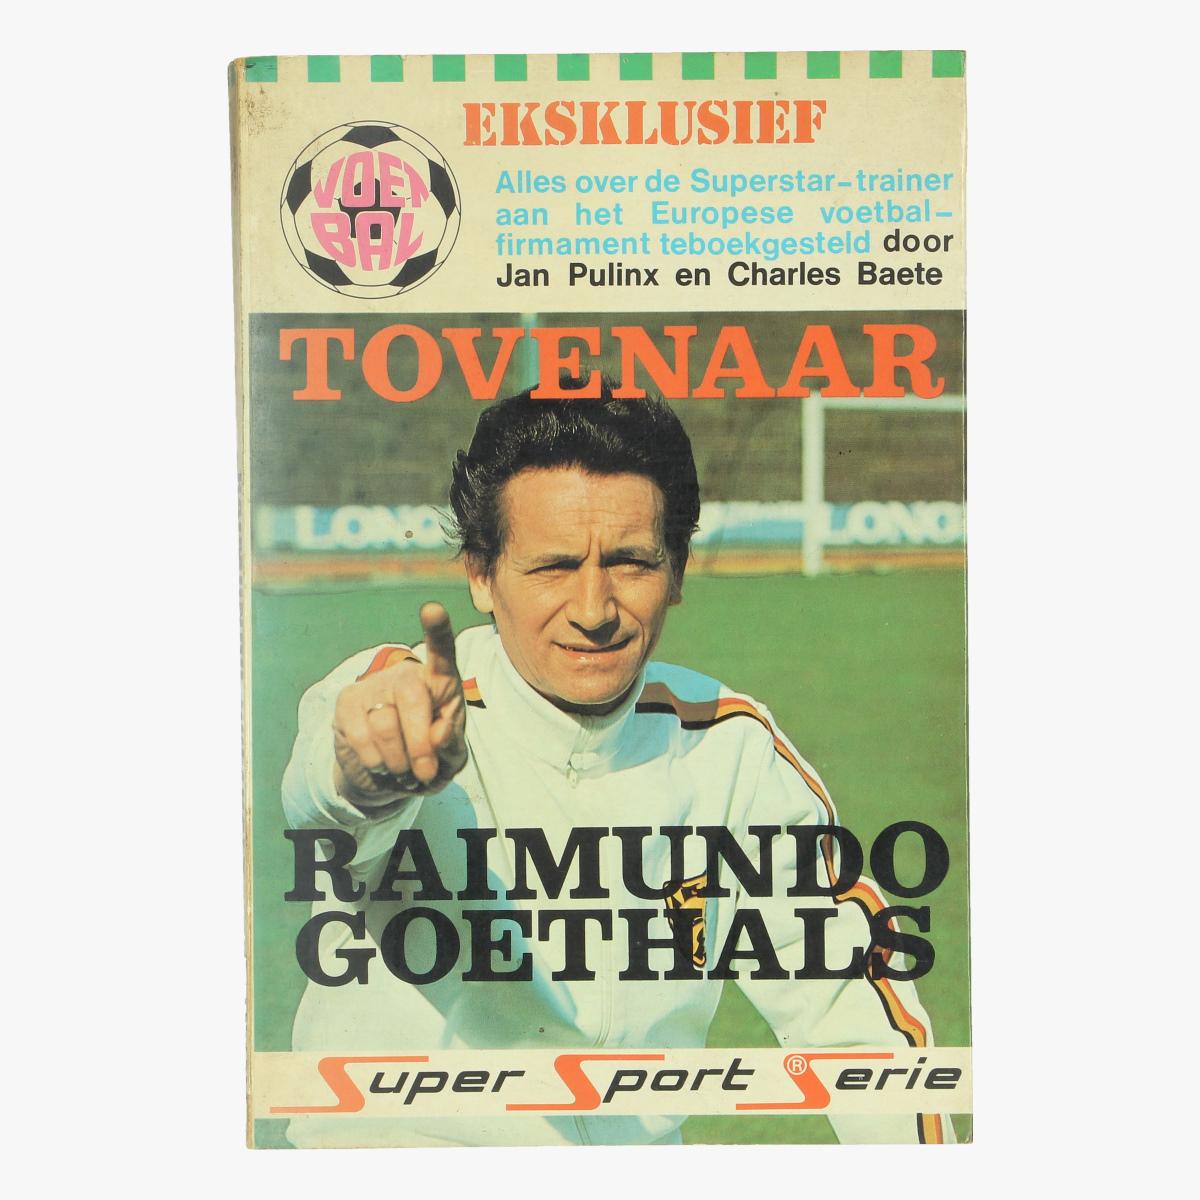 Afbeeldingen van boek voetbal tovenaar raimundo goethals